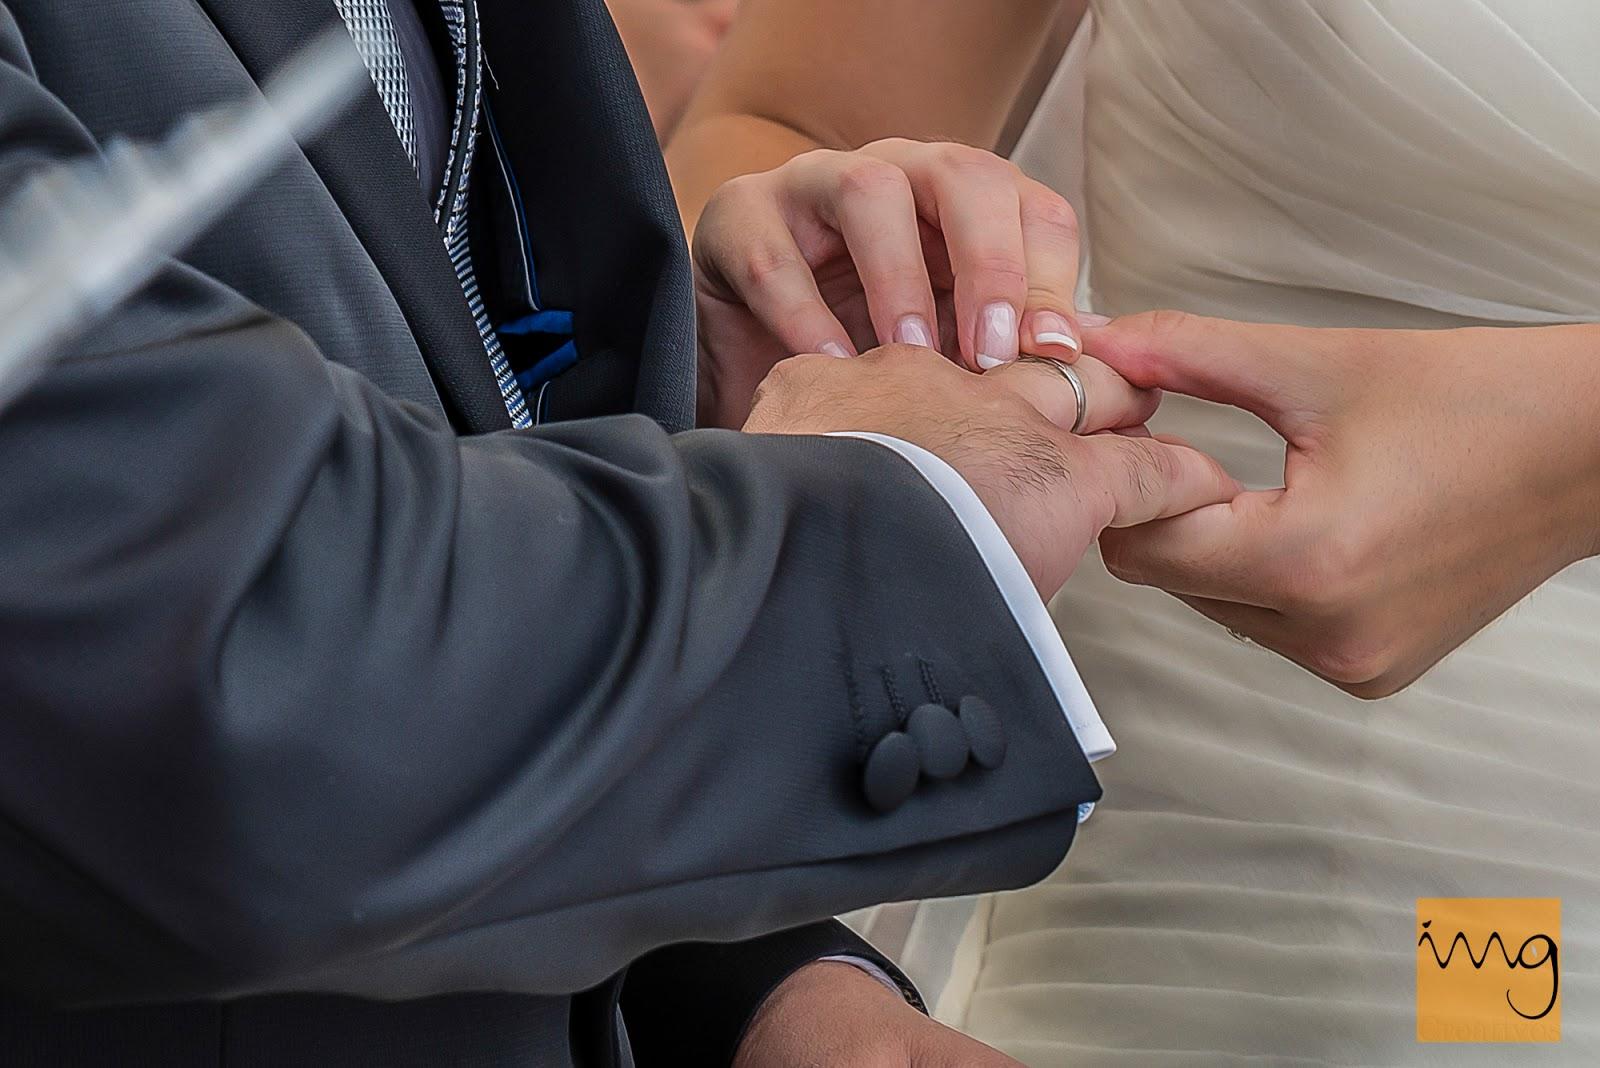 Fotografía del intercambio de alianzas en la boda